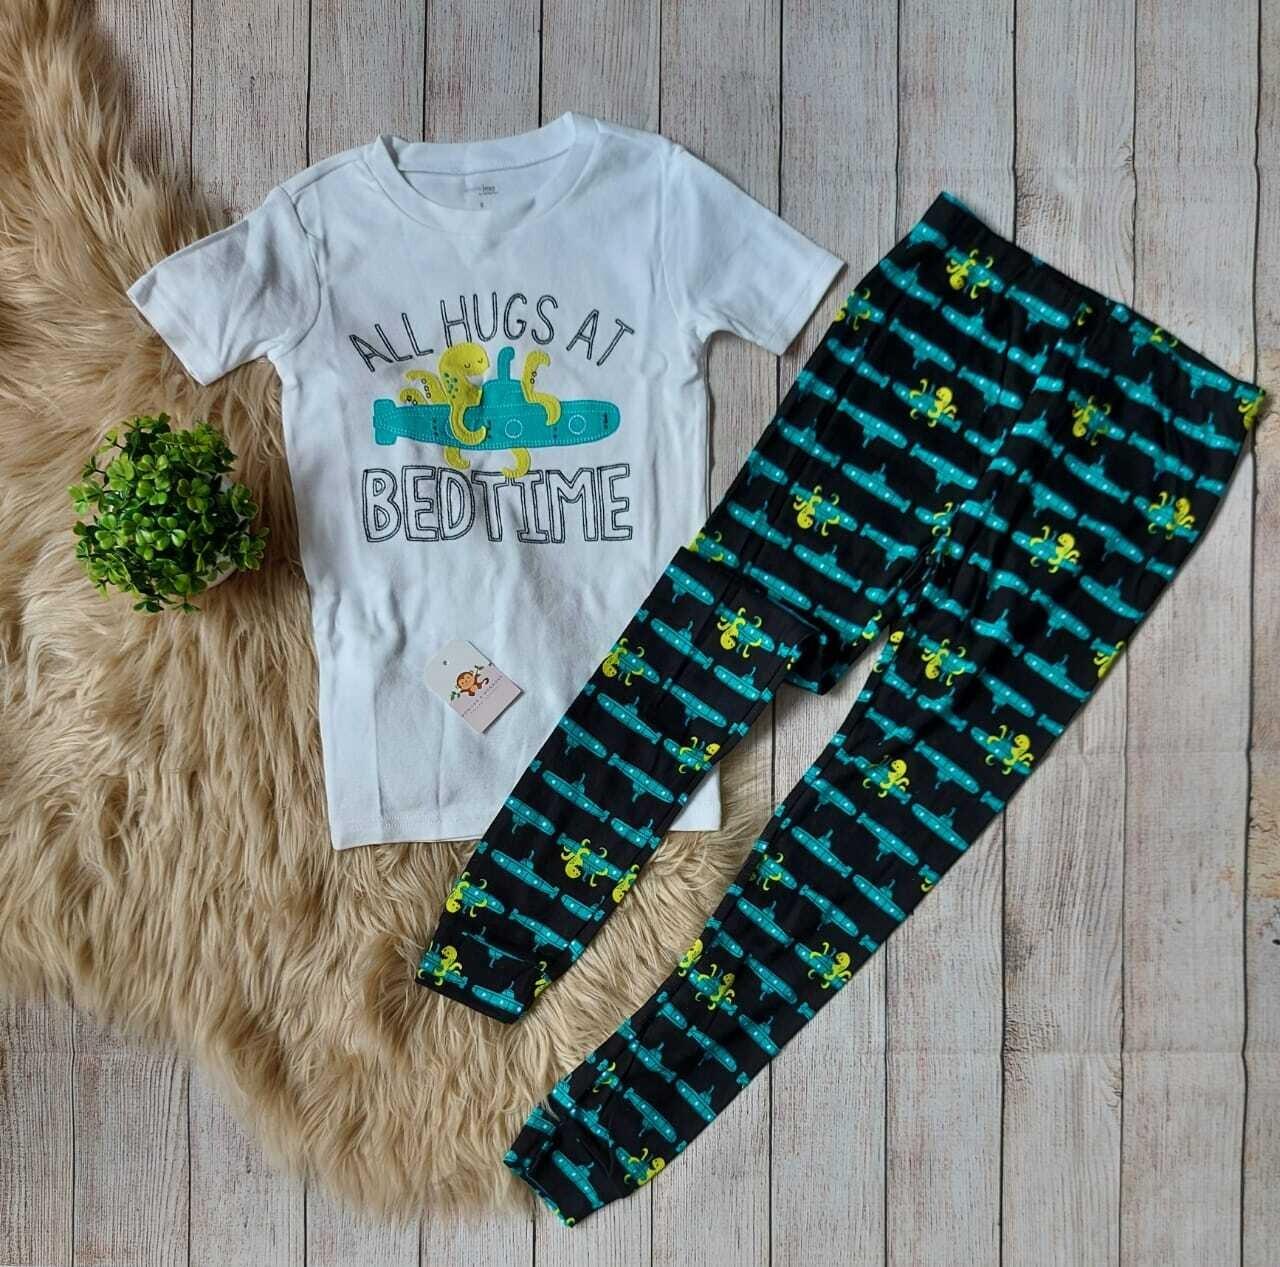 Pijama de aliens Carters, Camiseta + pantalón, 8 años